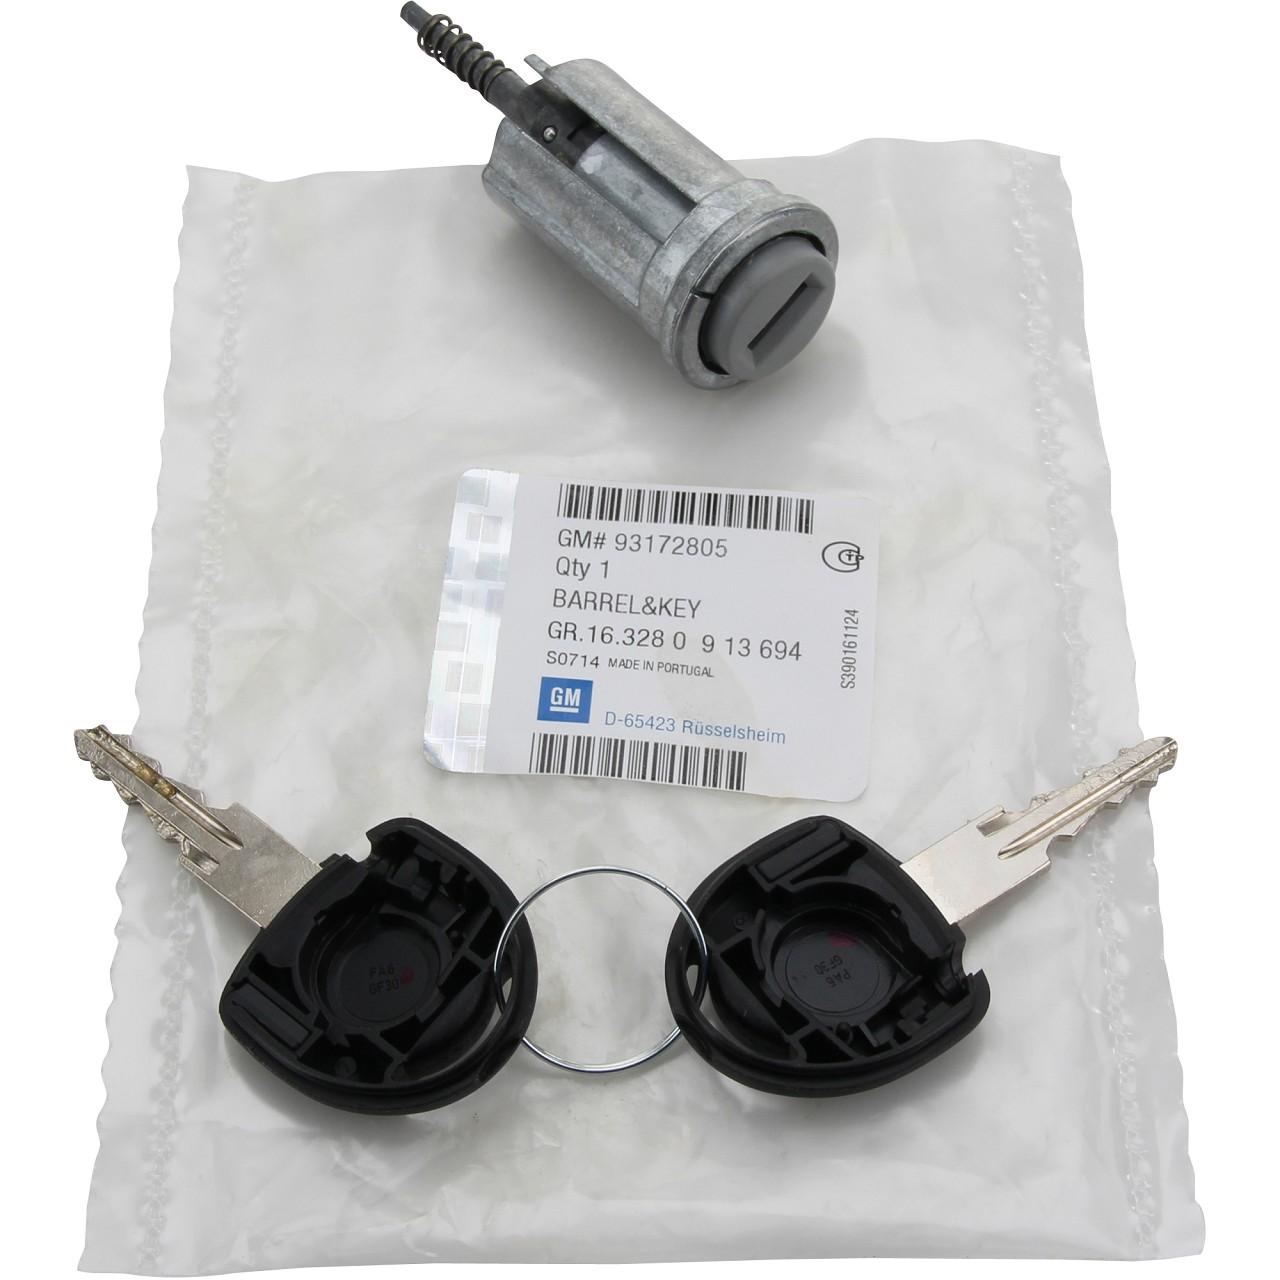 ORIGINAL GM Opel Schließzylinder Zündschloss + Schlüssel 913694 / 93172805